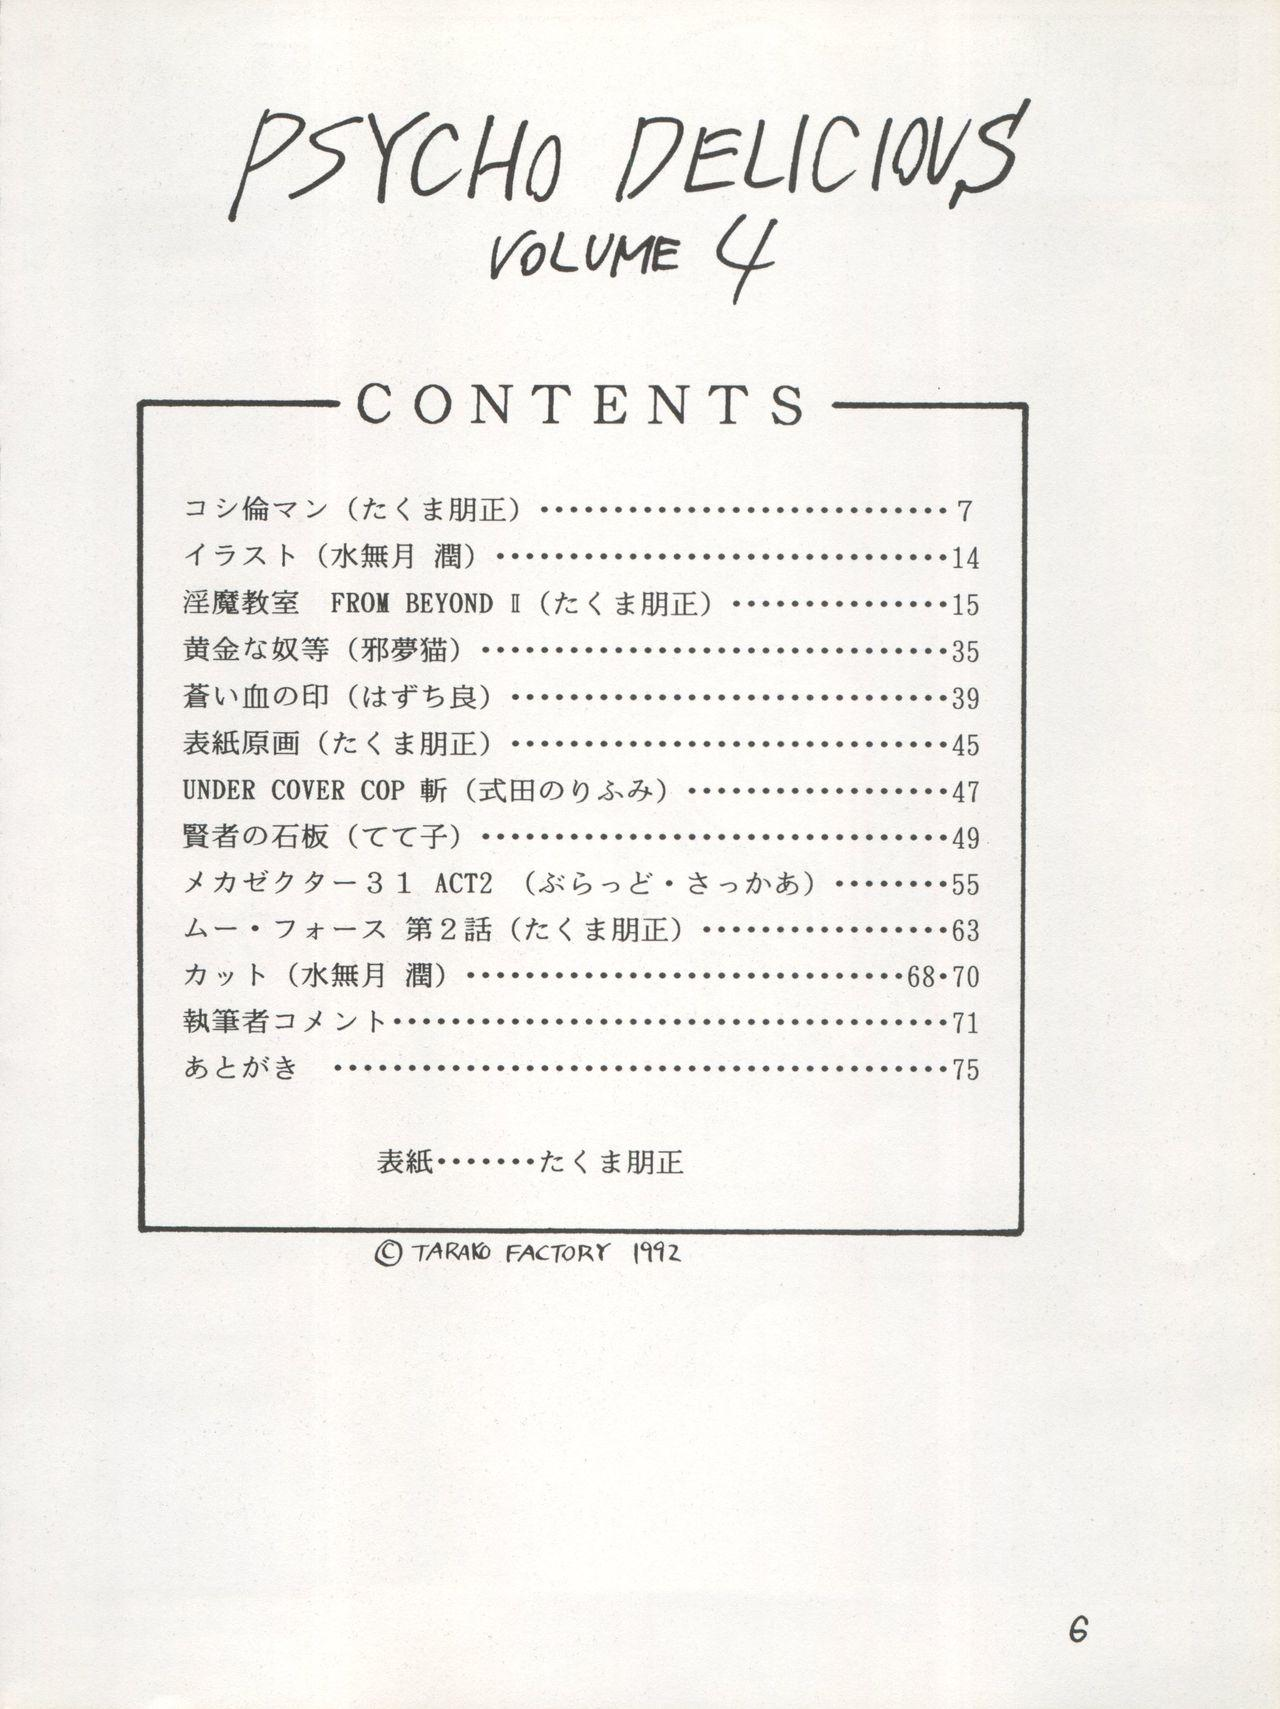 PSYCHO DELICIOUS Vol. 4 5